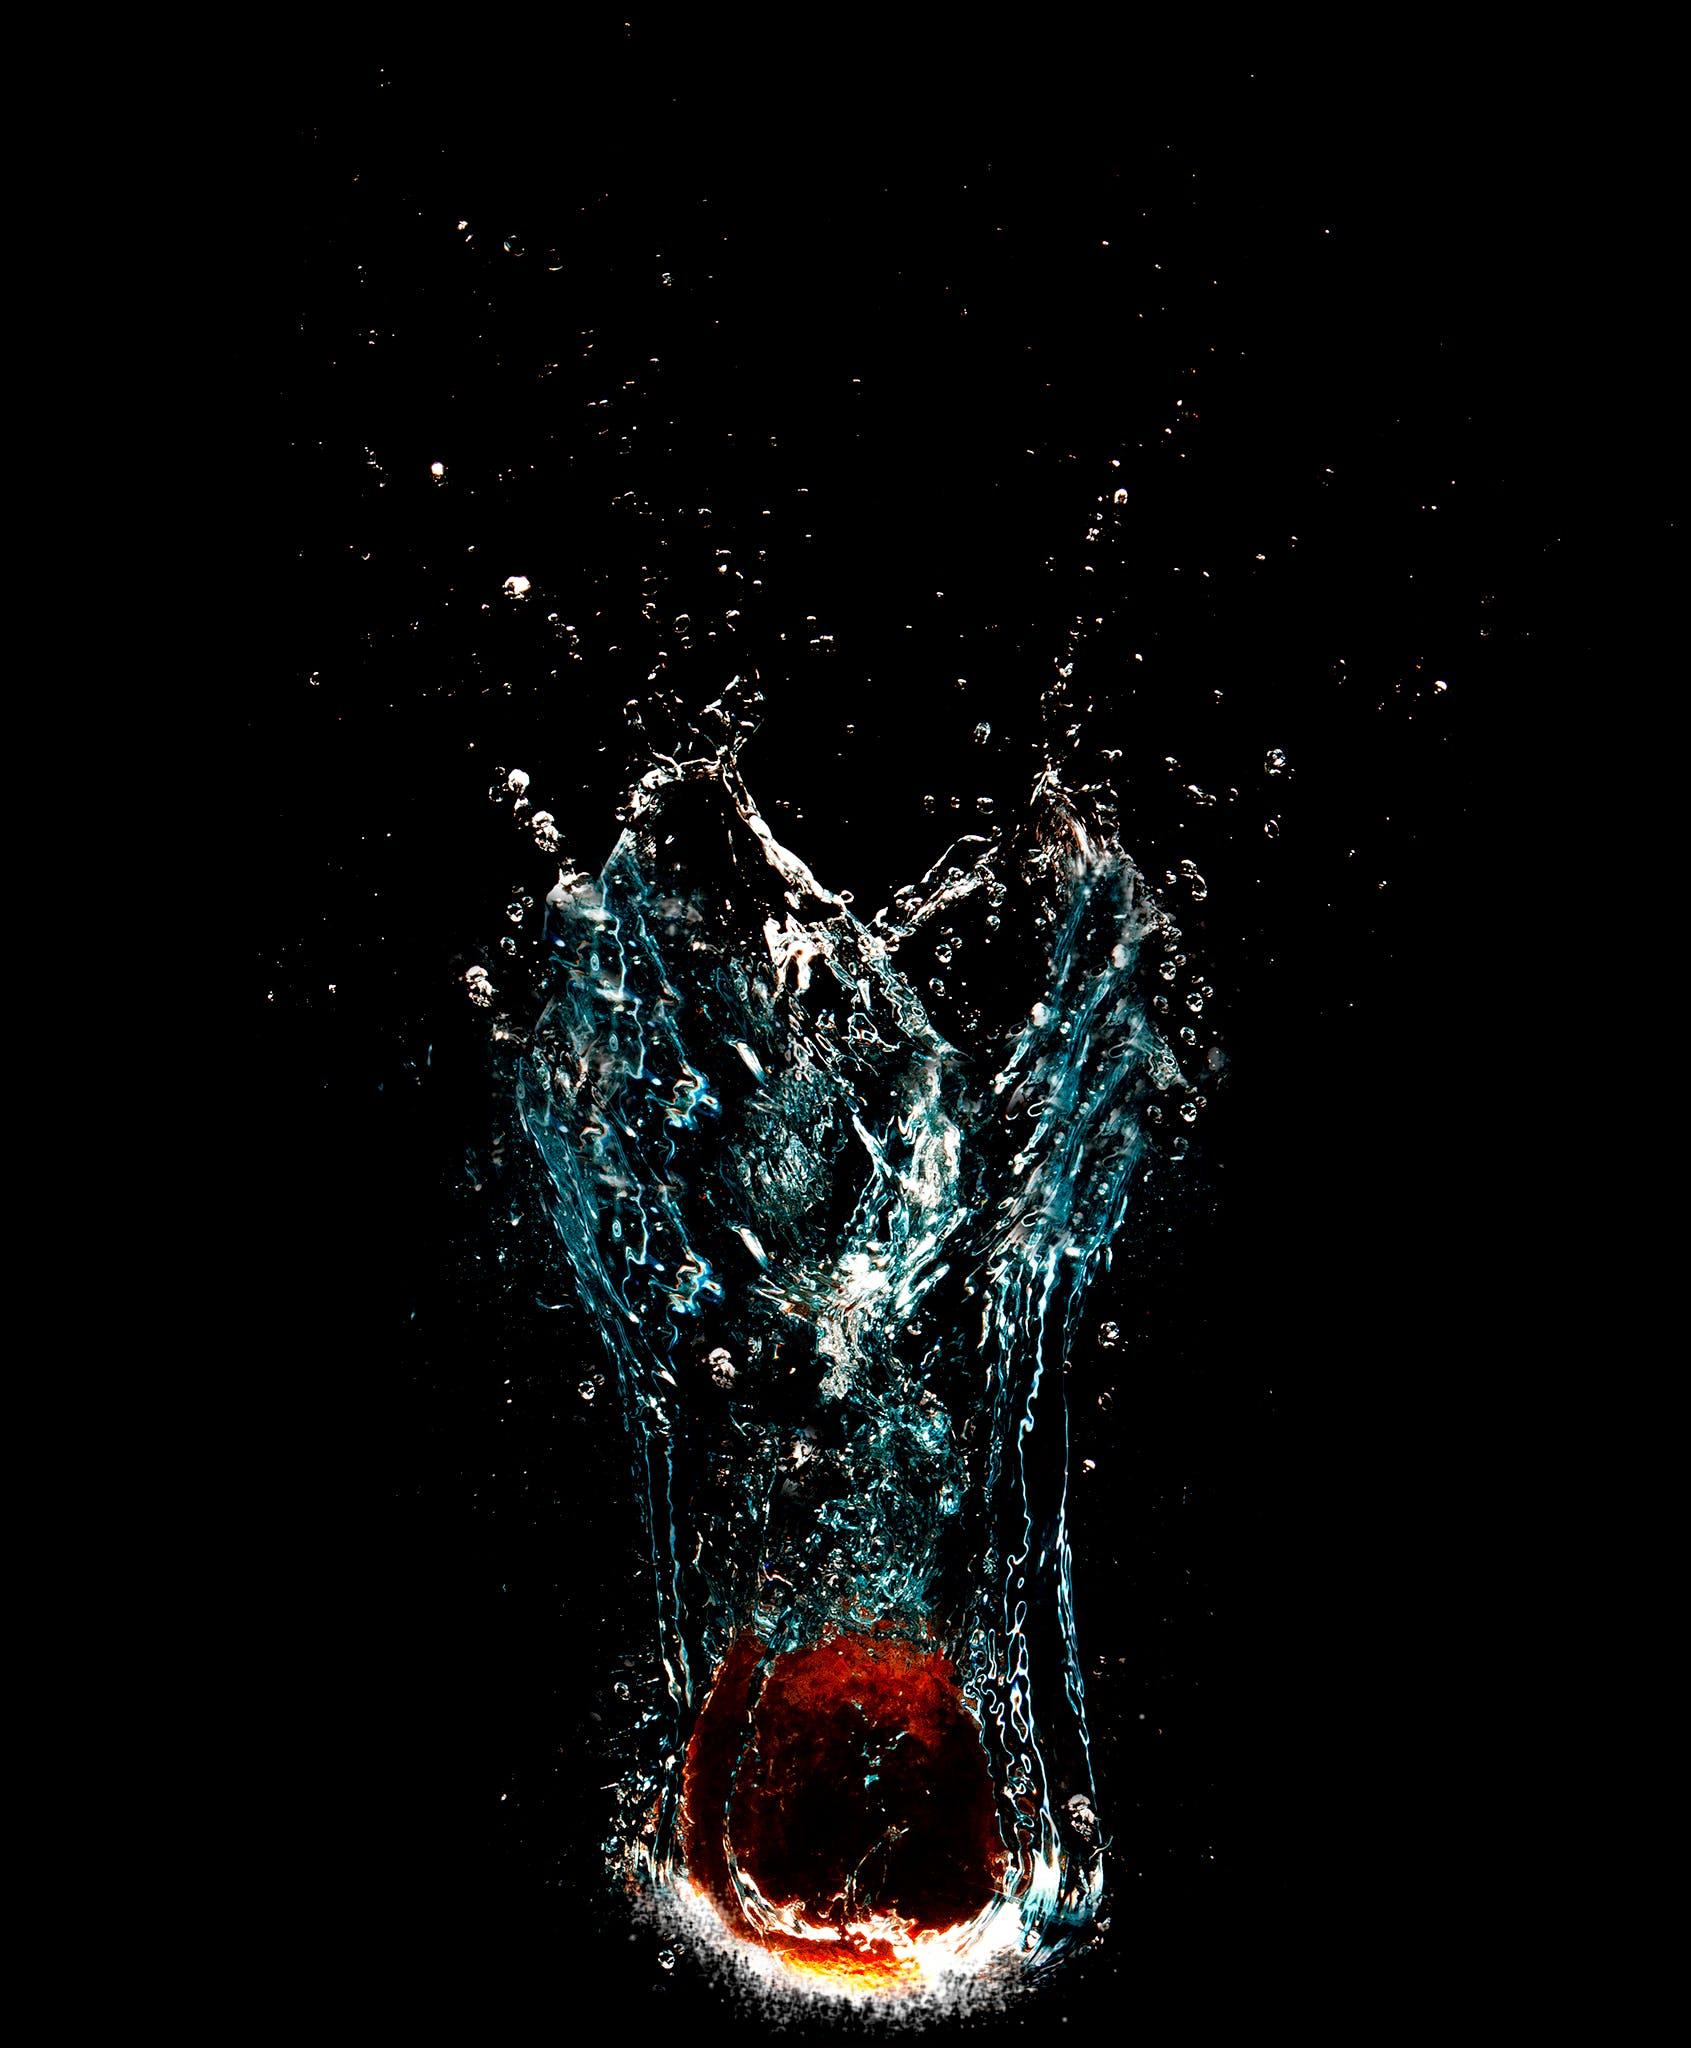 apple, bubbles, fluid